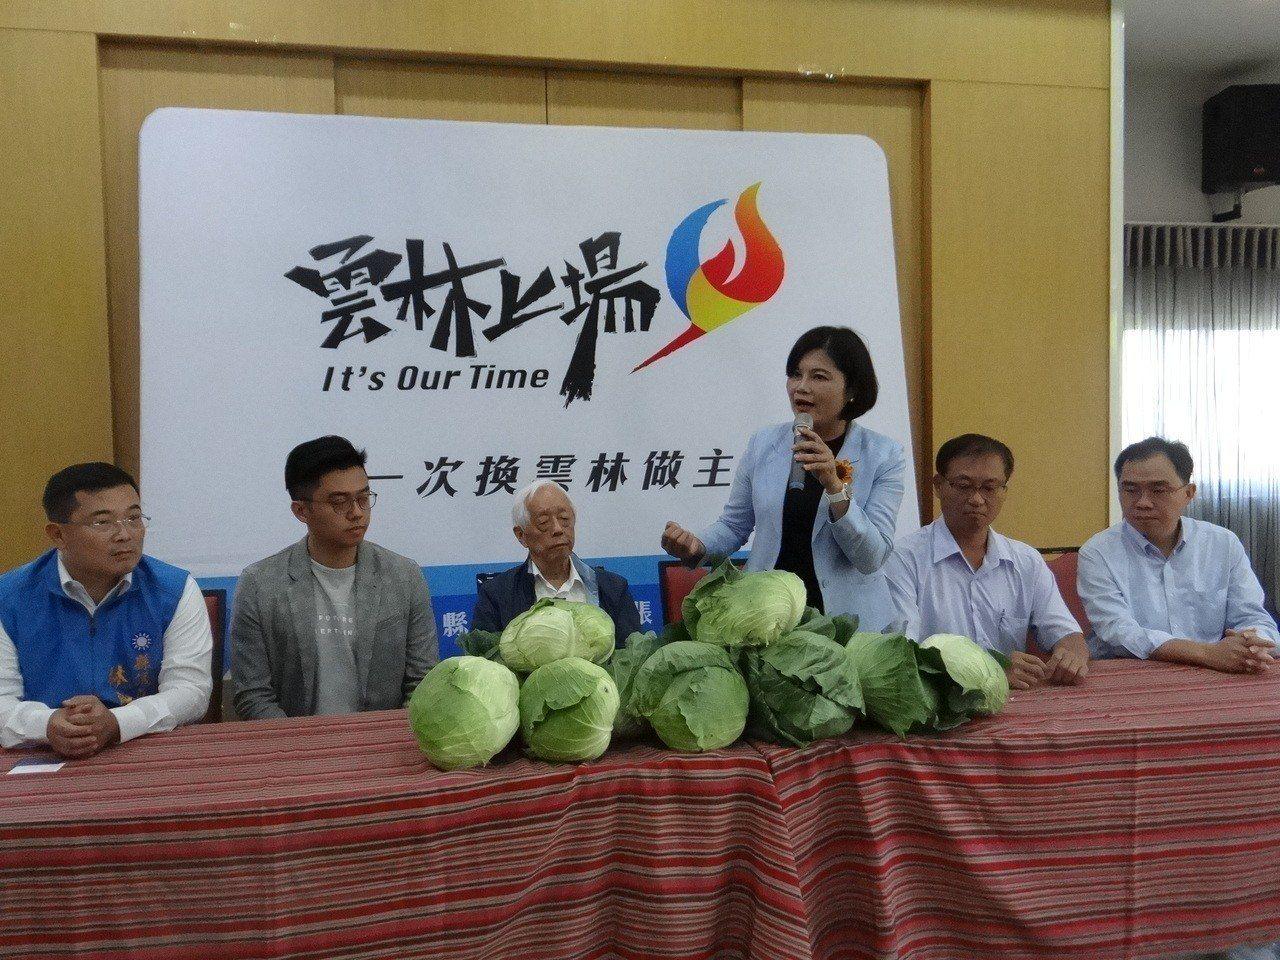 雲林縣長當選人張麗善未上任就號召企業幫忙買菜,幫農民度過難關。記者蔡維斌/攝影